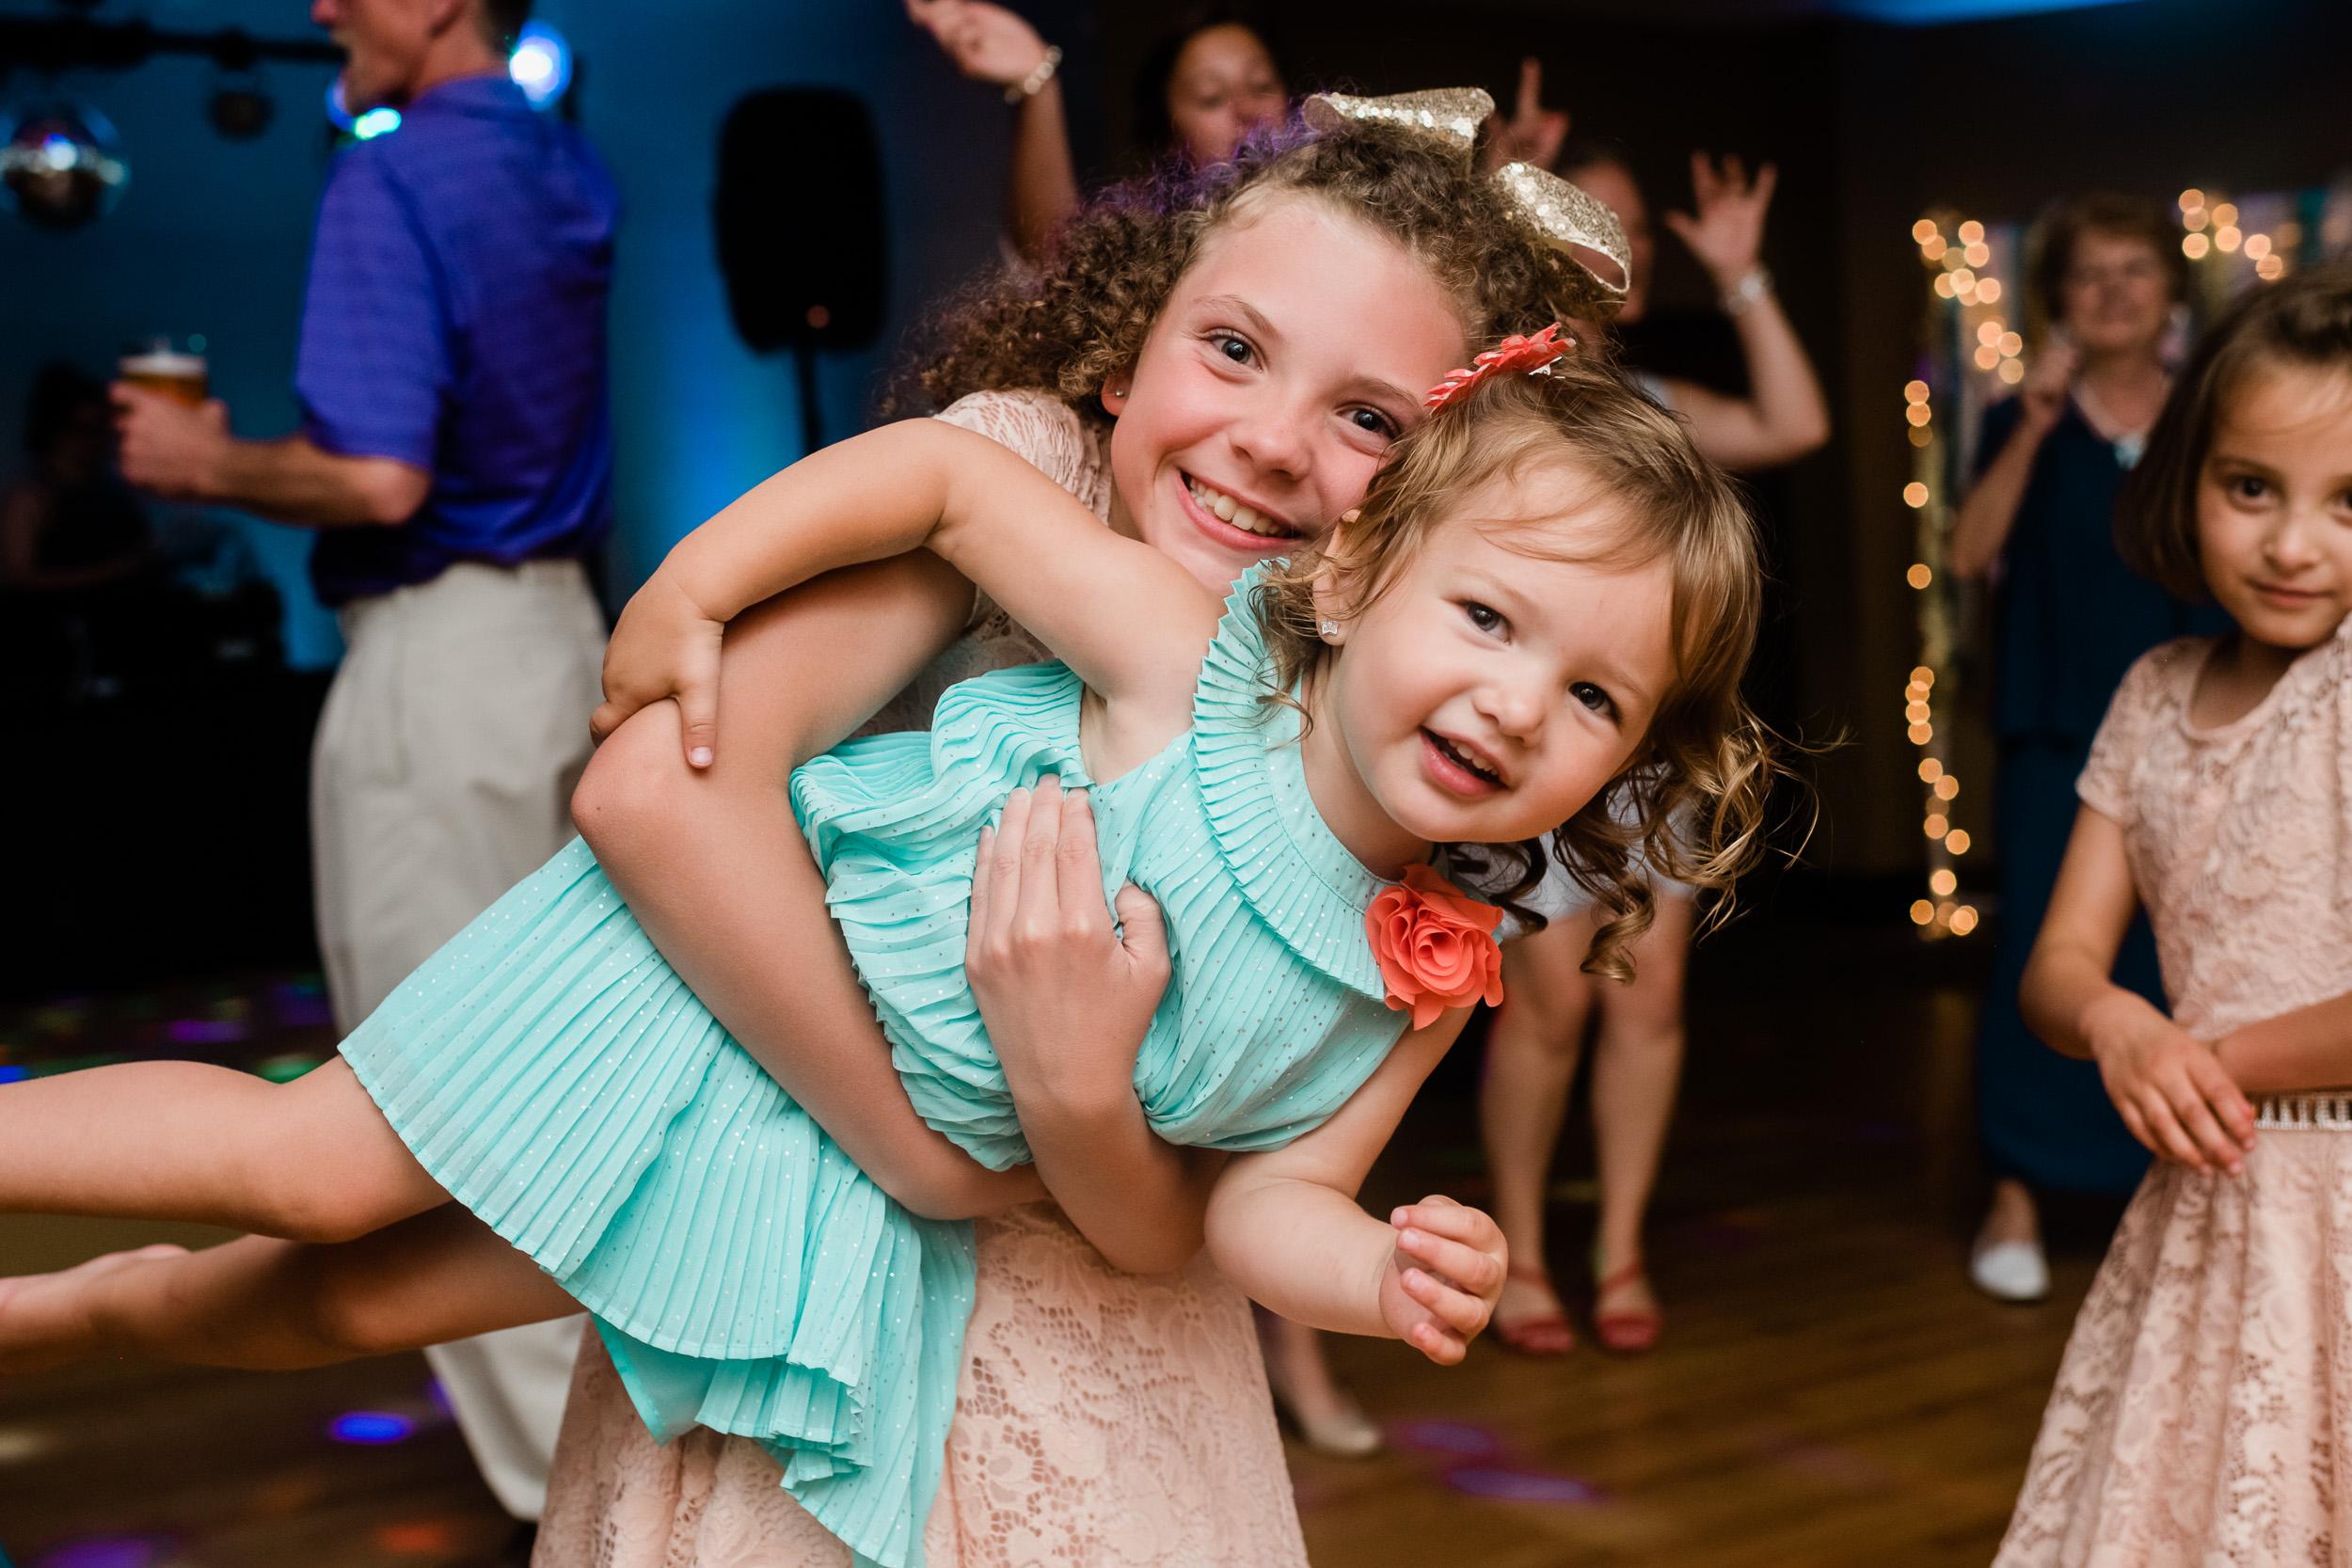 Girl holds little girl on the dance floor